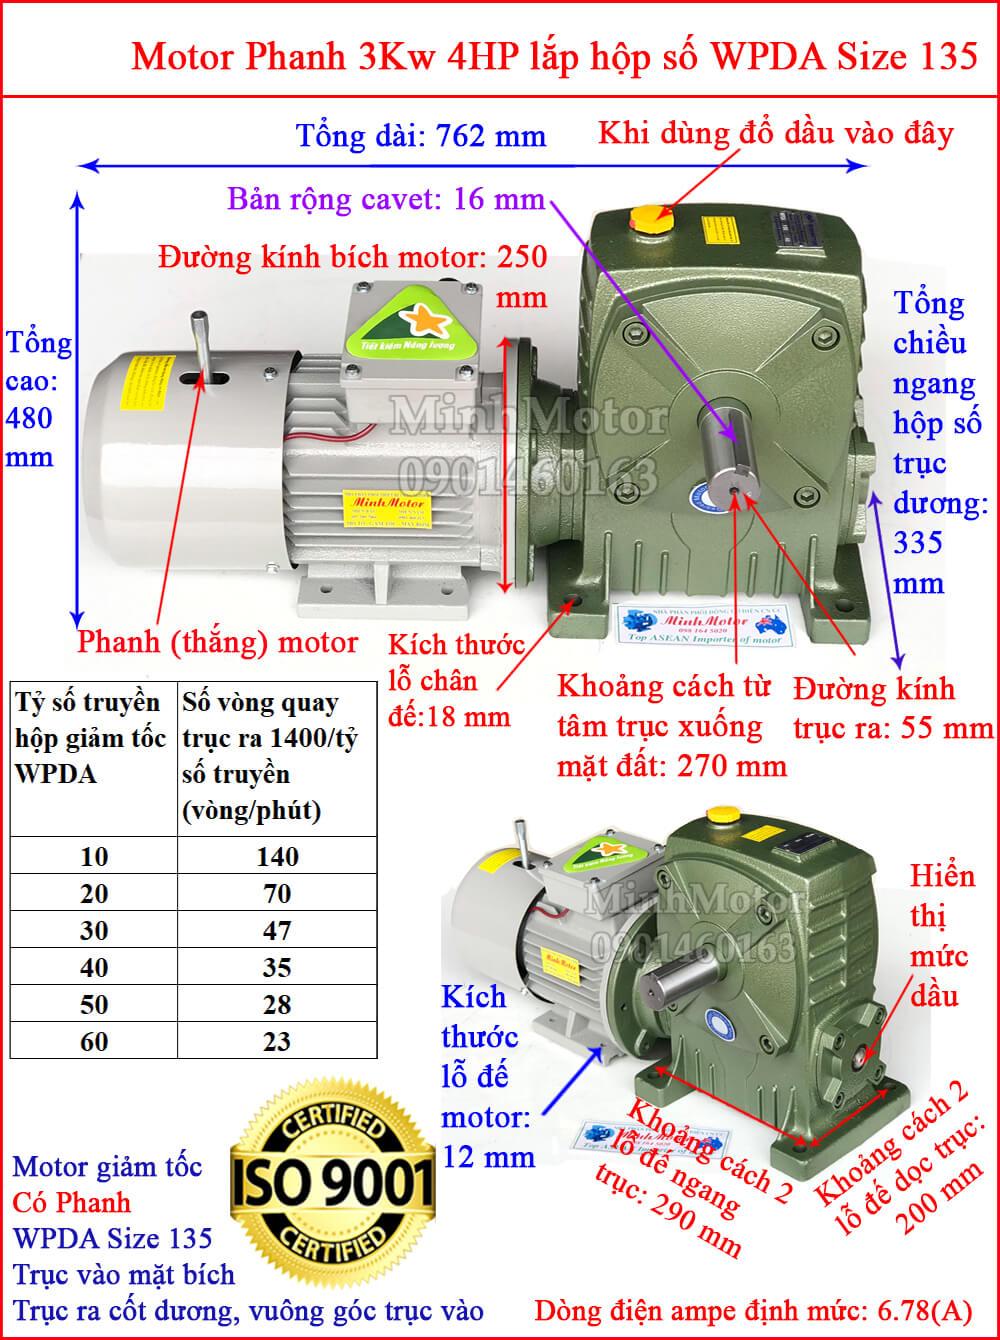 motor phanh 3kw 4hp liền hộp giảm tốc trục vít wpda size 135